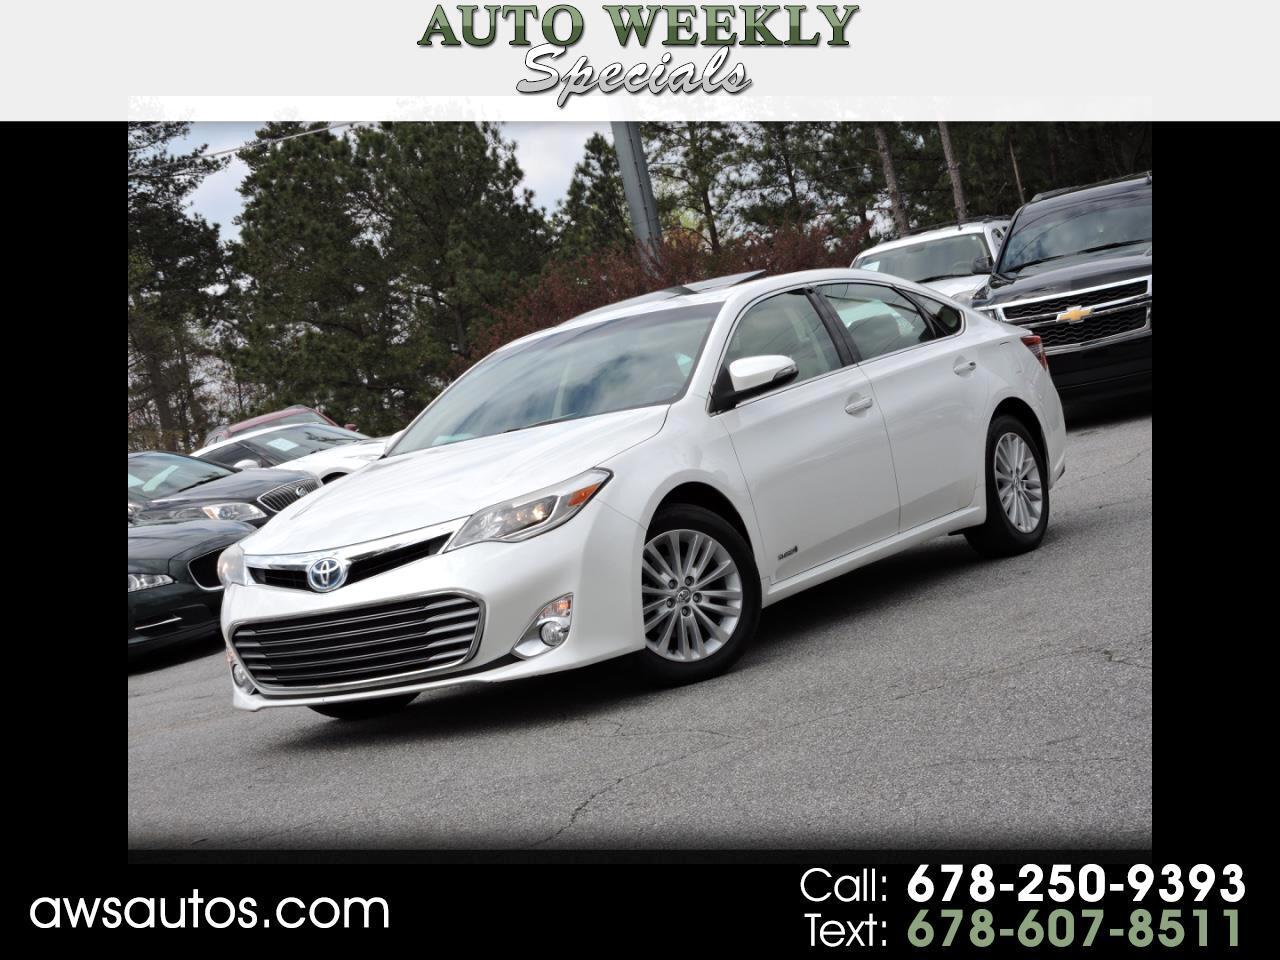 2013 Toyota Avalon Hybrid XLE Premium Hybrid